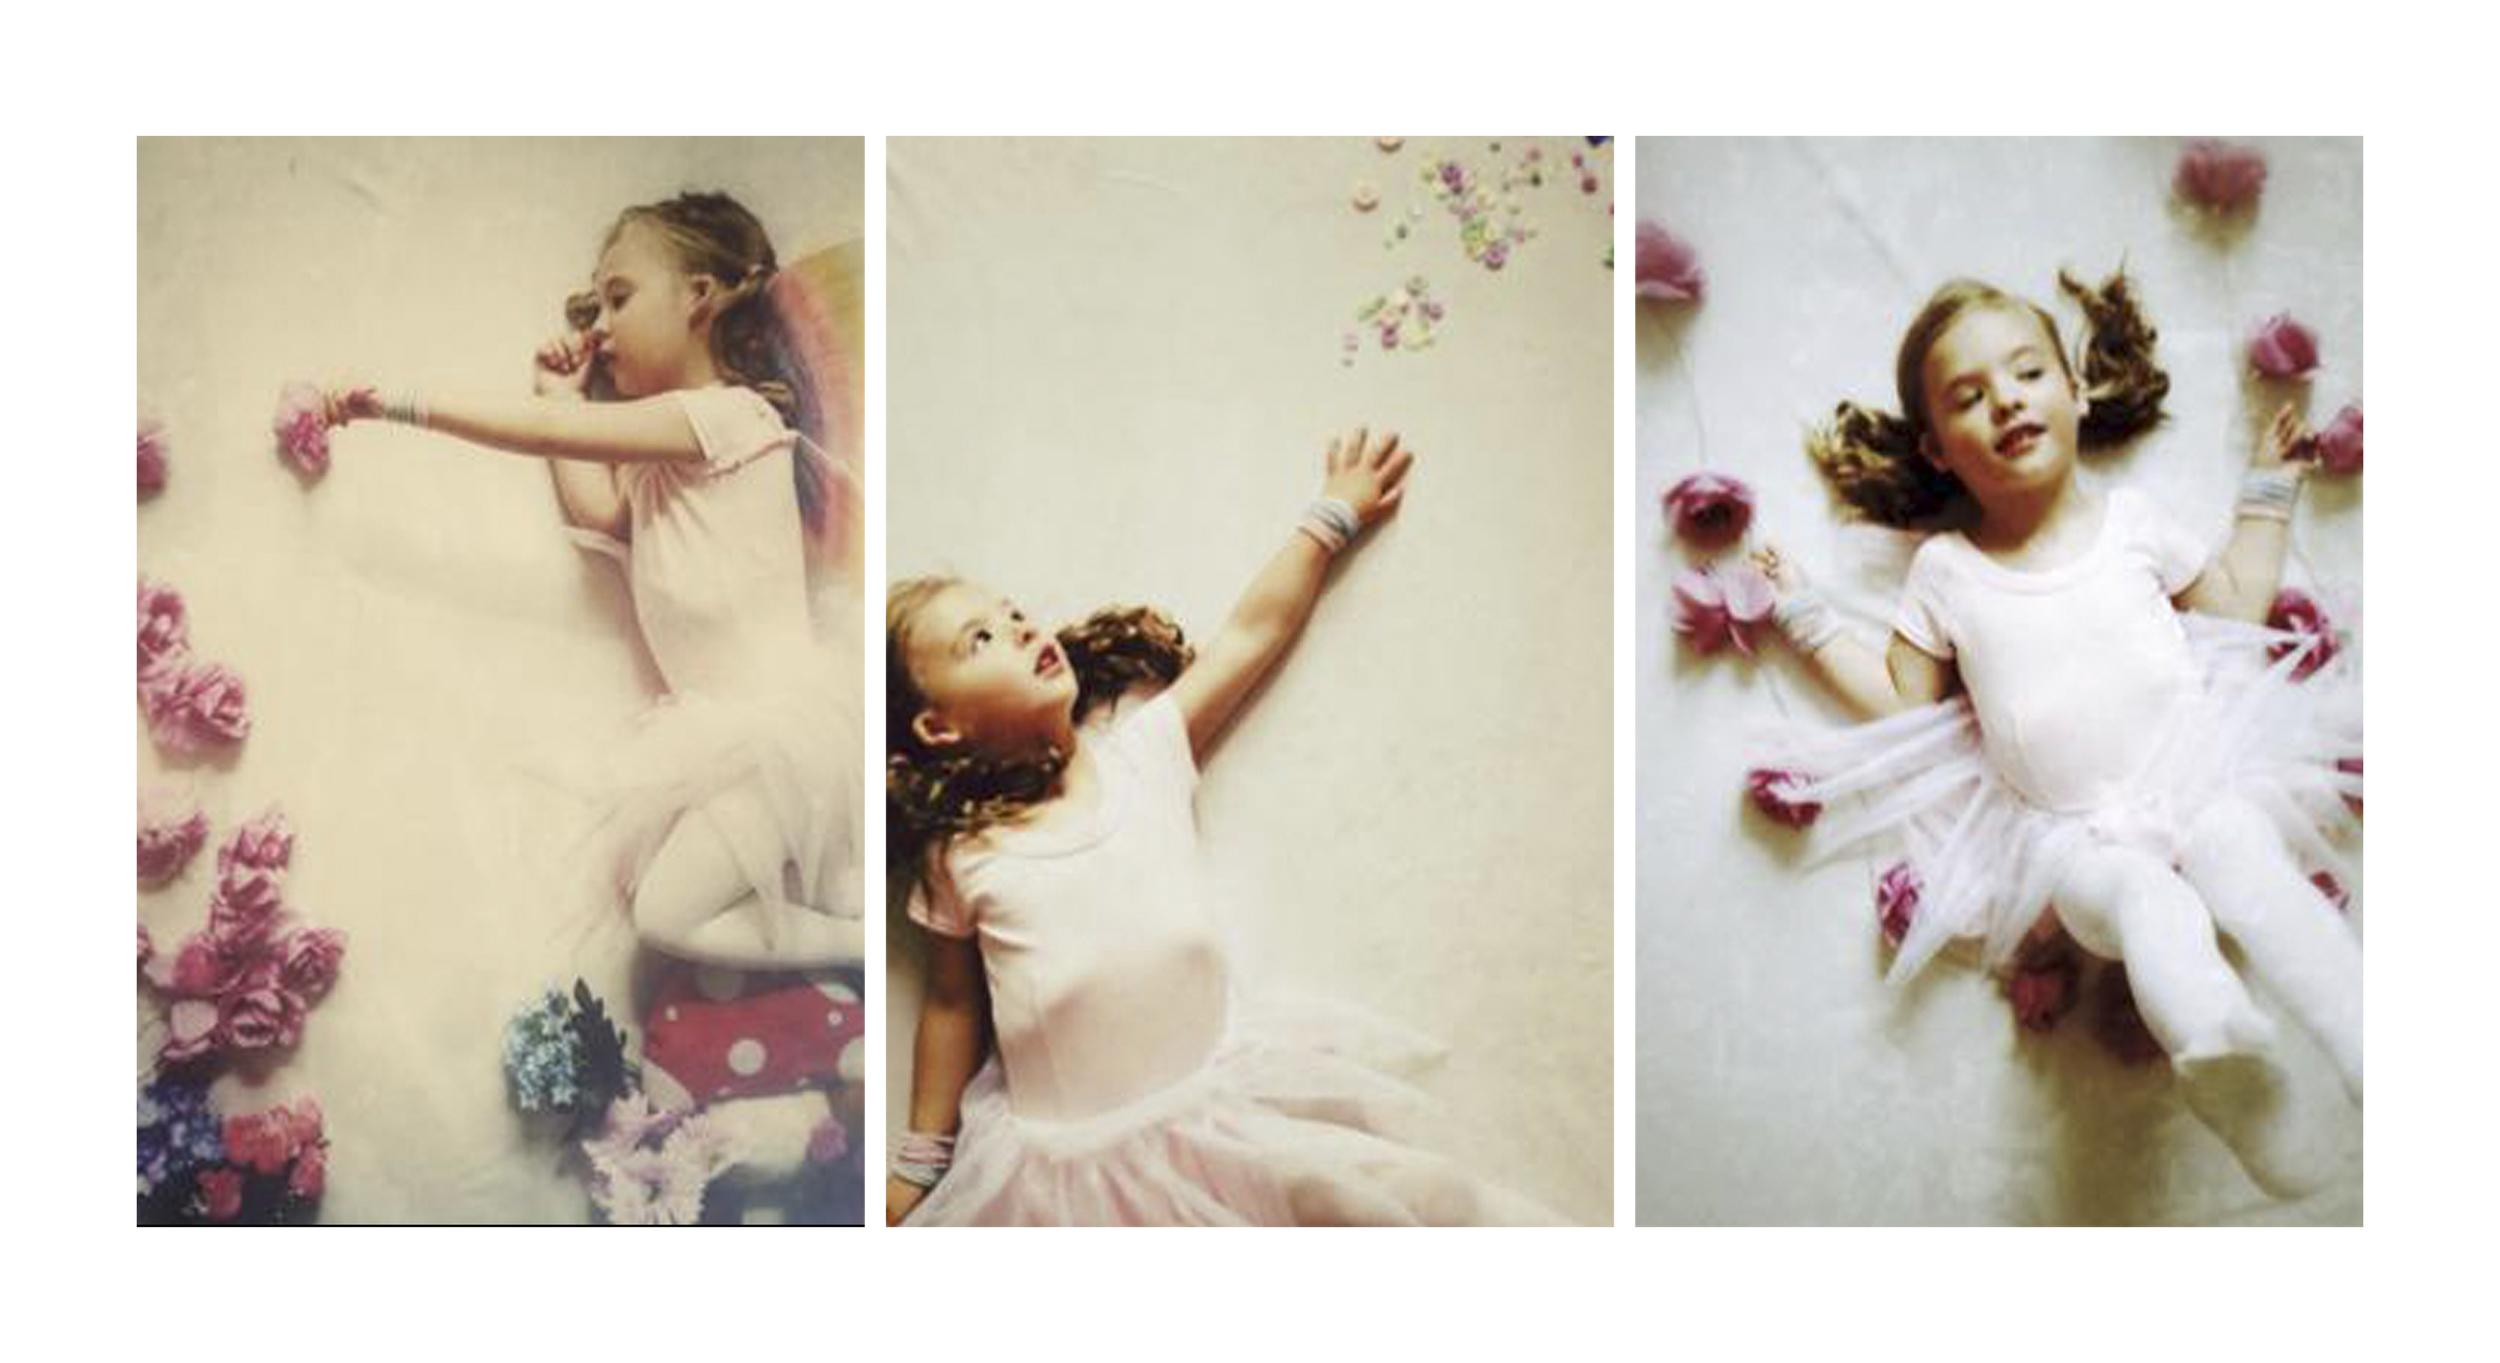 Images taken by Miss Vintage Rose